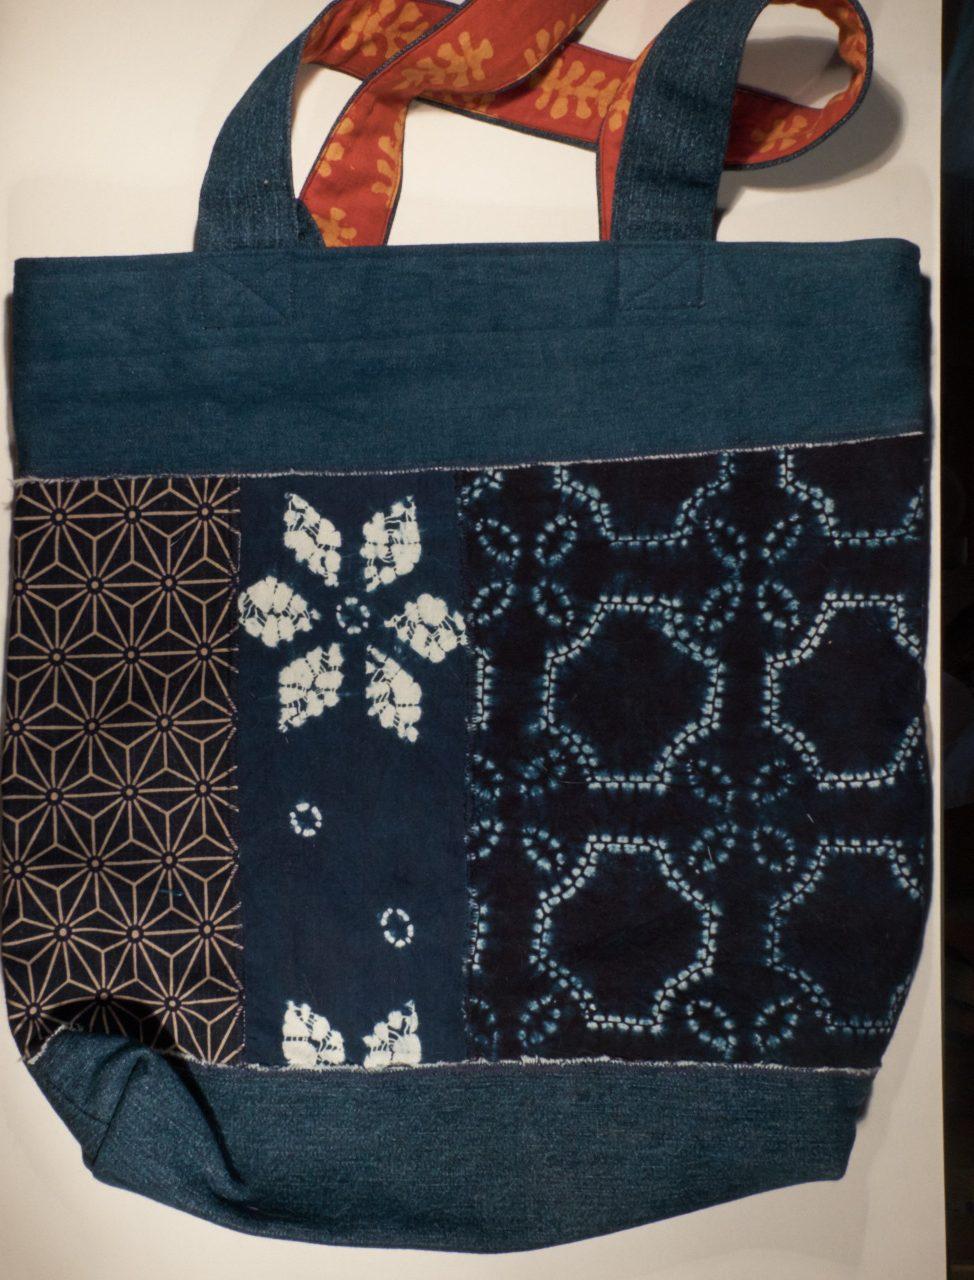 KL003 hand made indigo print tote bag